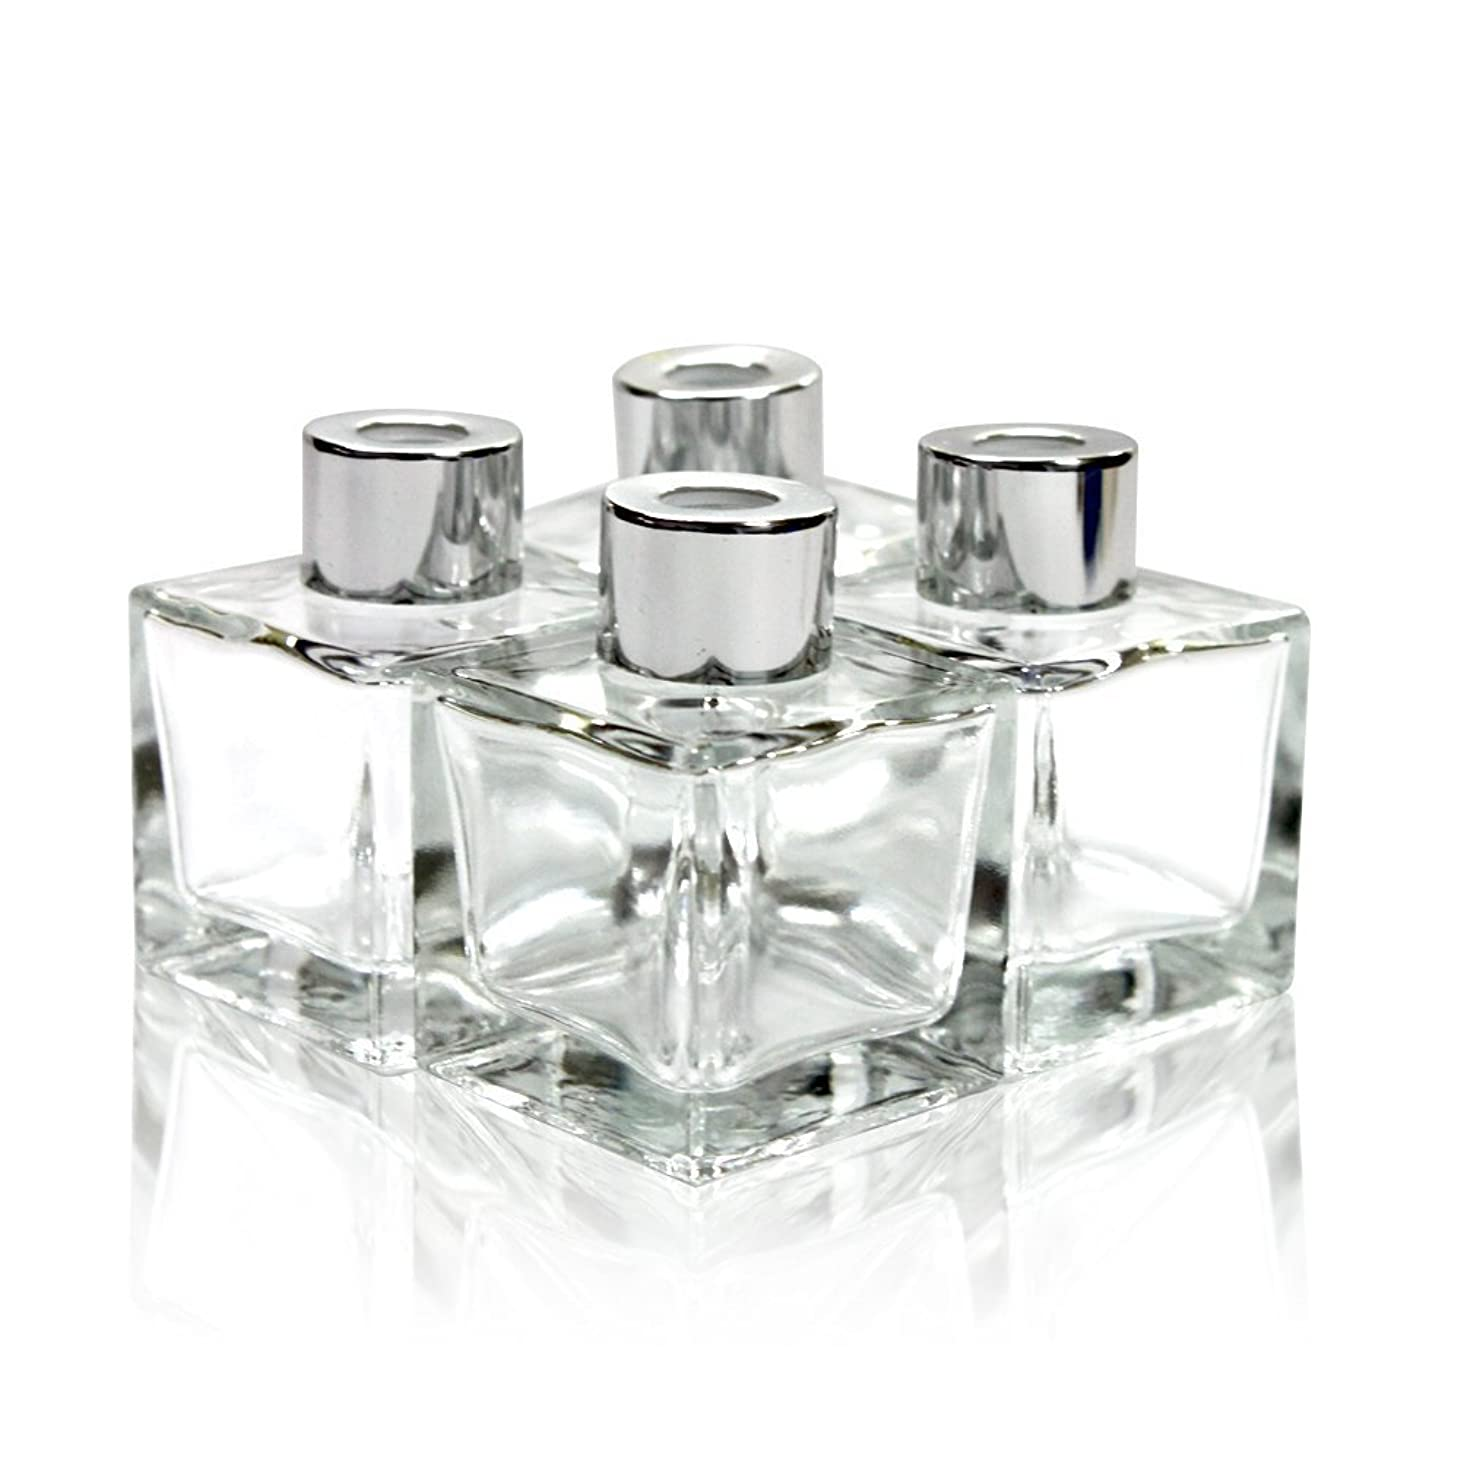 外向きもろい銀行Feel Fragrance リードディフューザー用 リードディフューザーボトル 容器 透明 蓋付き 4本セット50ML方形 (GB-50)